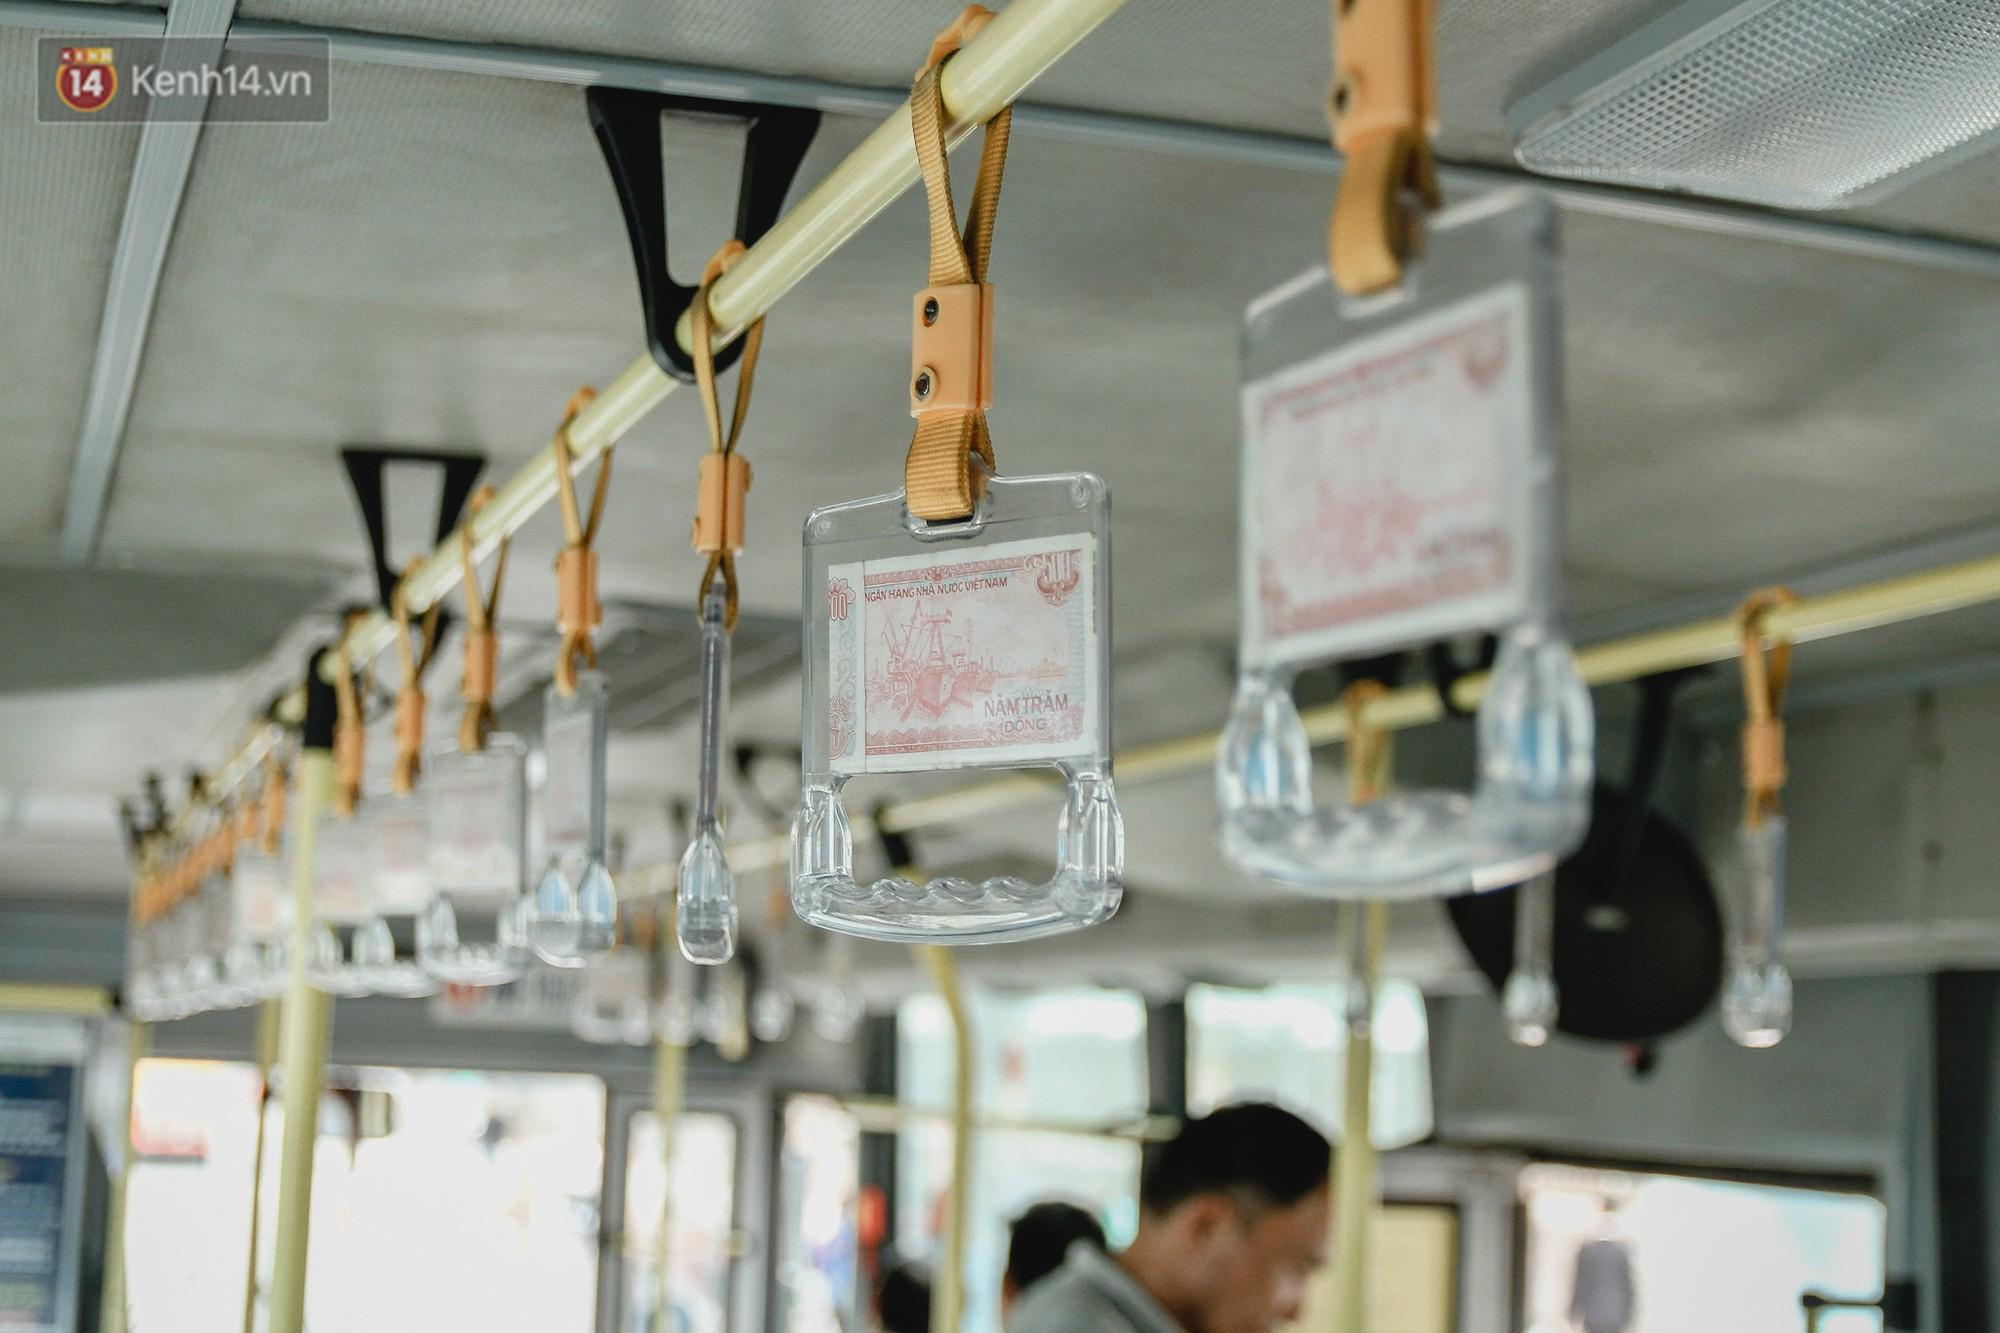 Chuyến xe bus siêu độc đáo ở Hà Nội - treo đỏ chót những tờ 500, 1000 đồng khắp xe 2